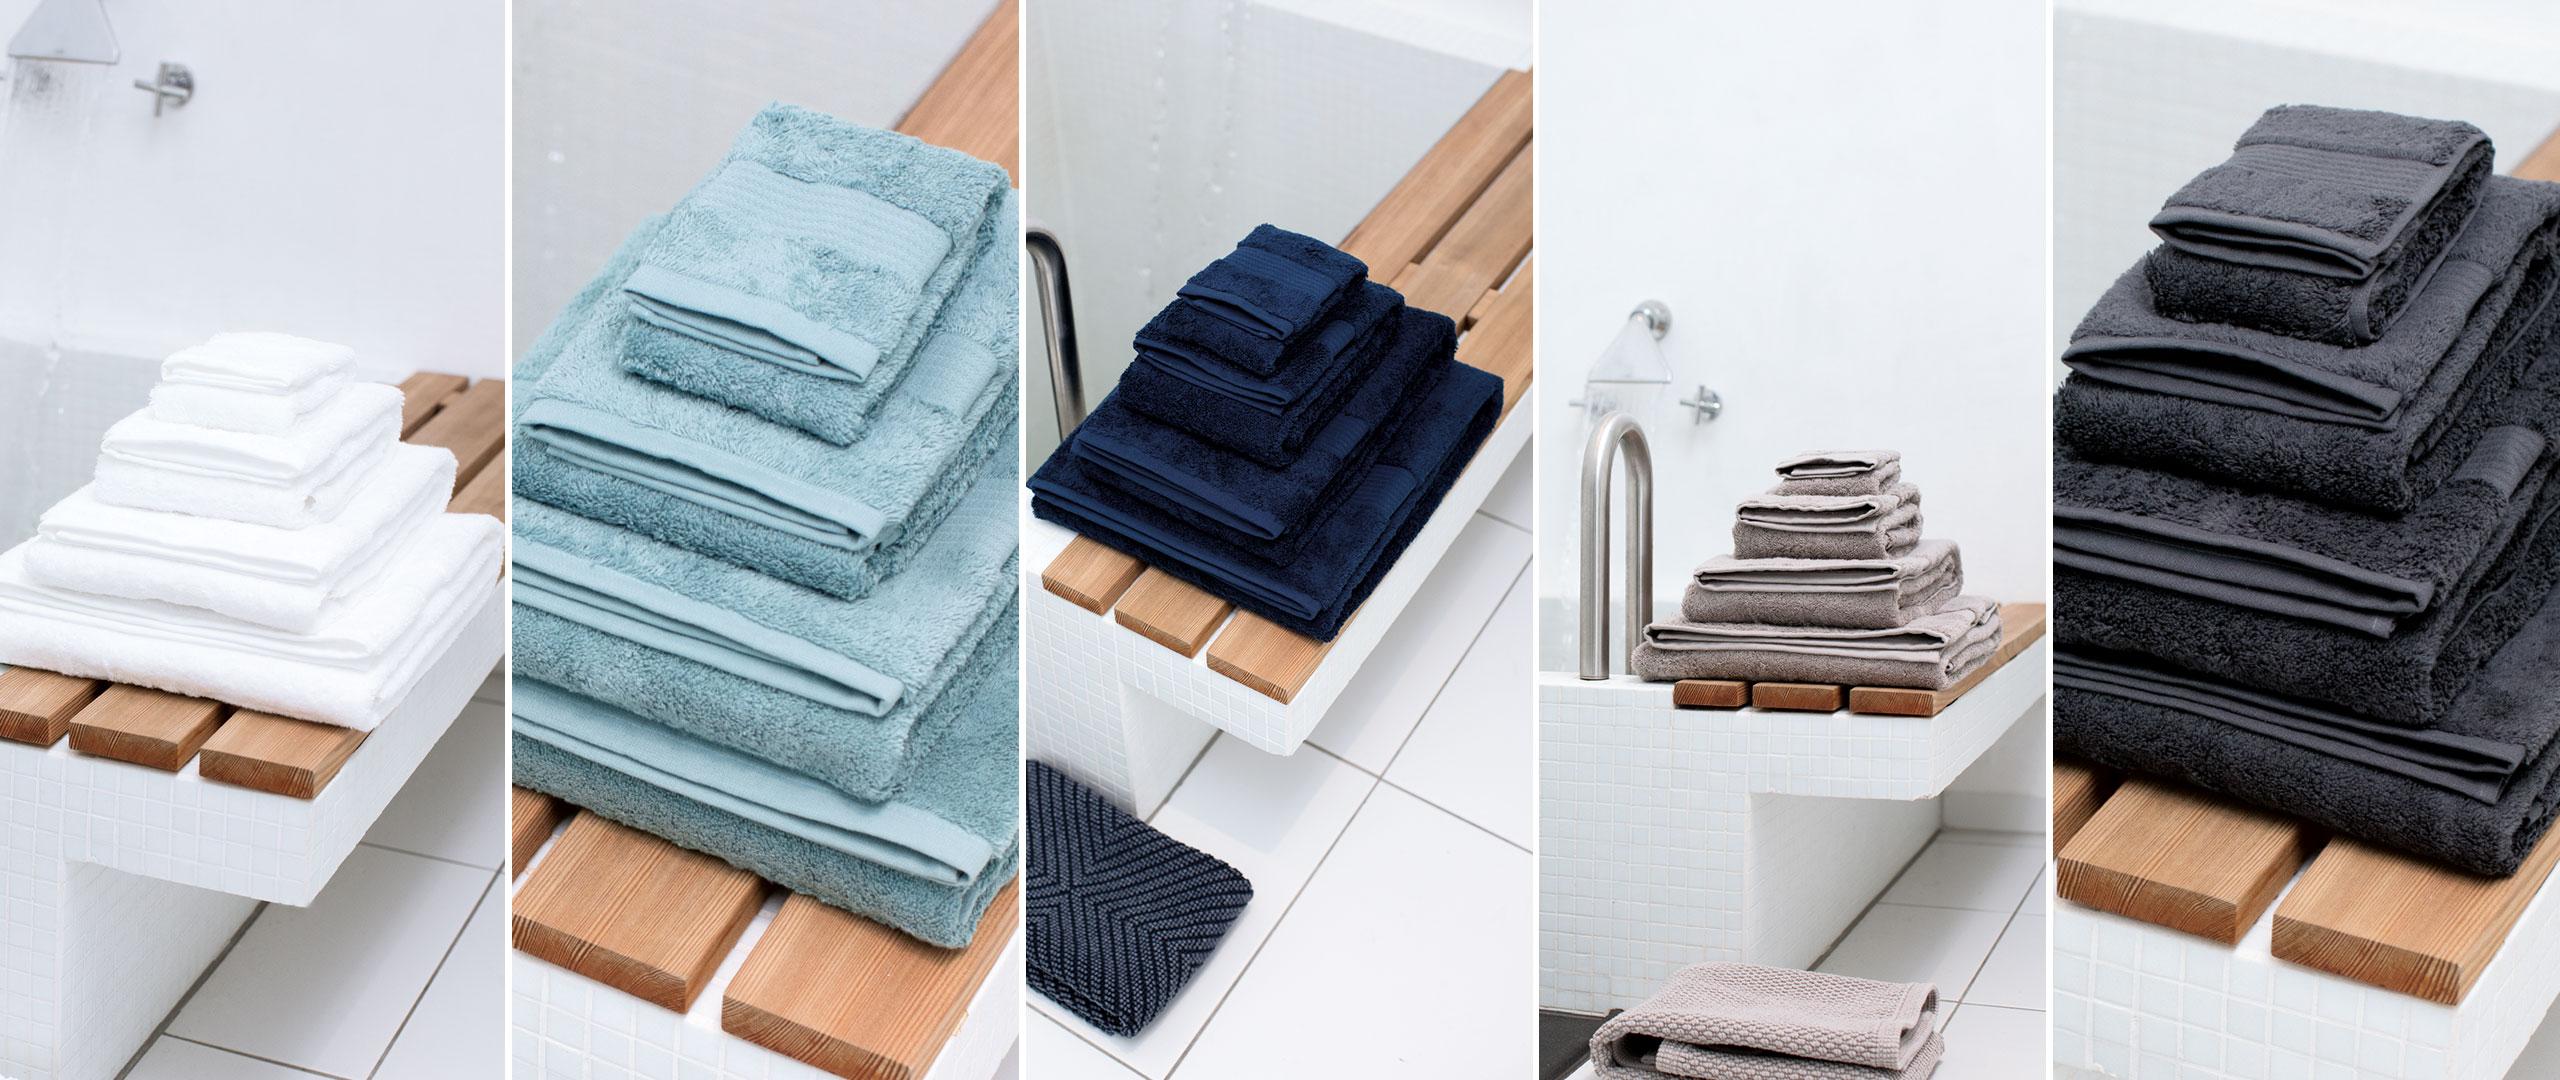 Home & Bath